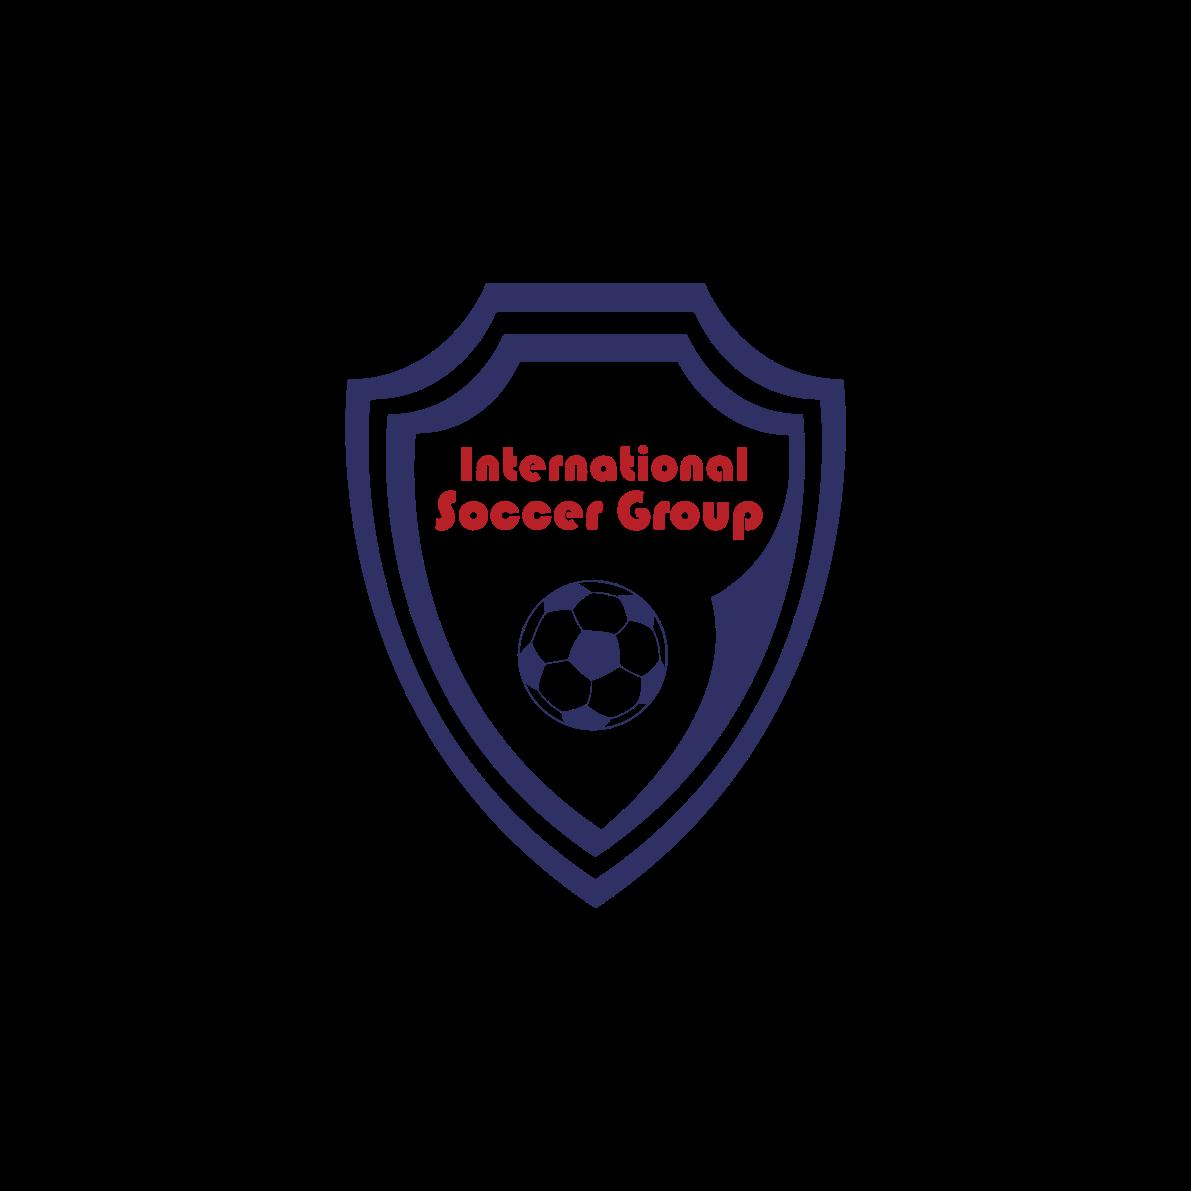 International Soccer Group